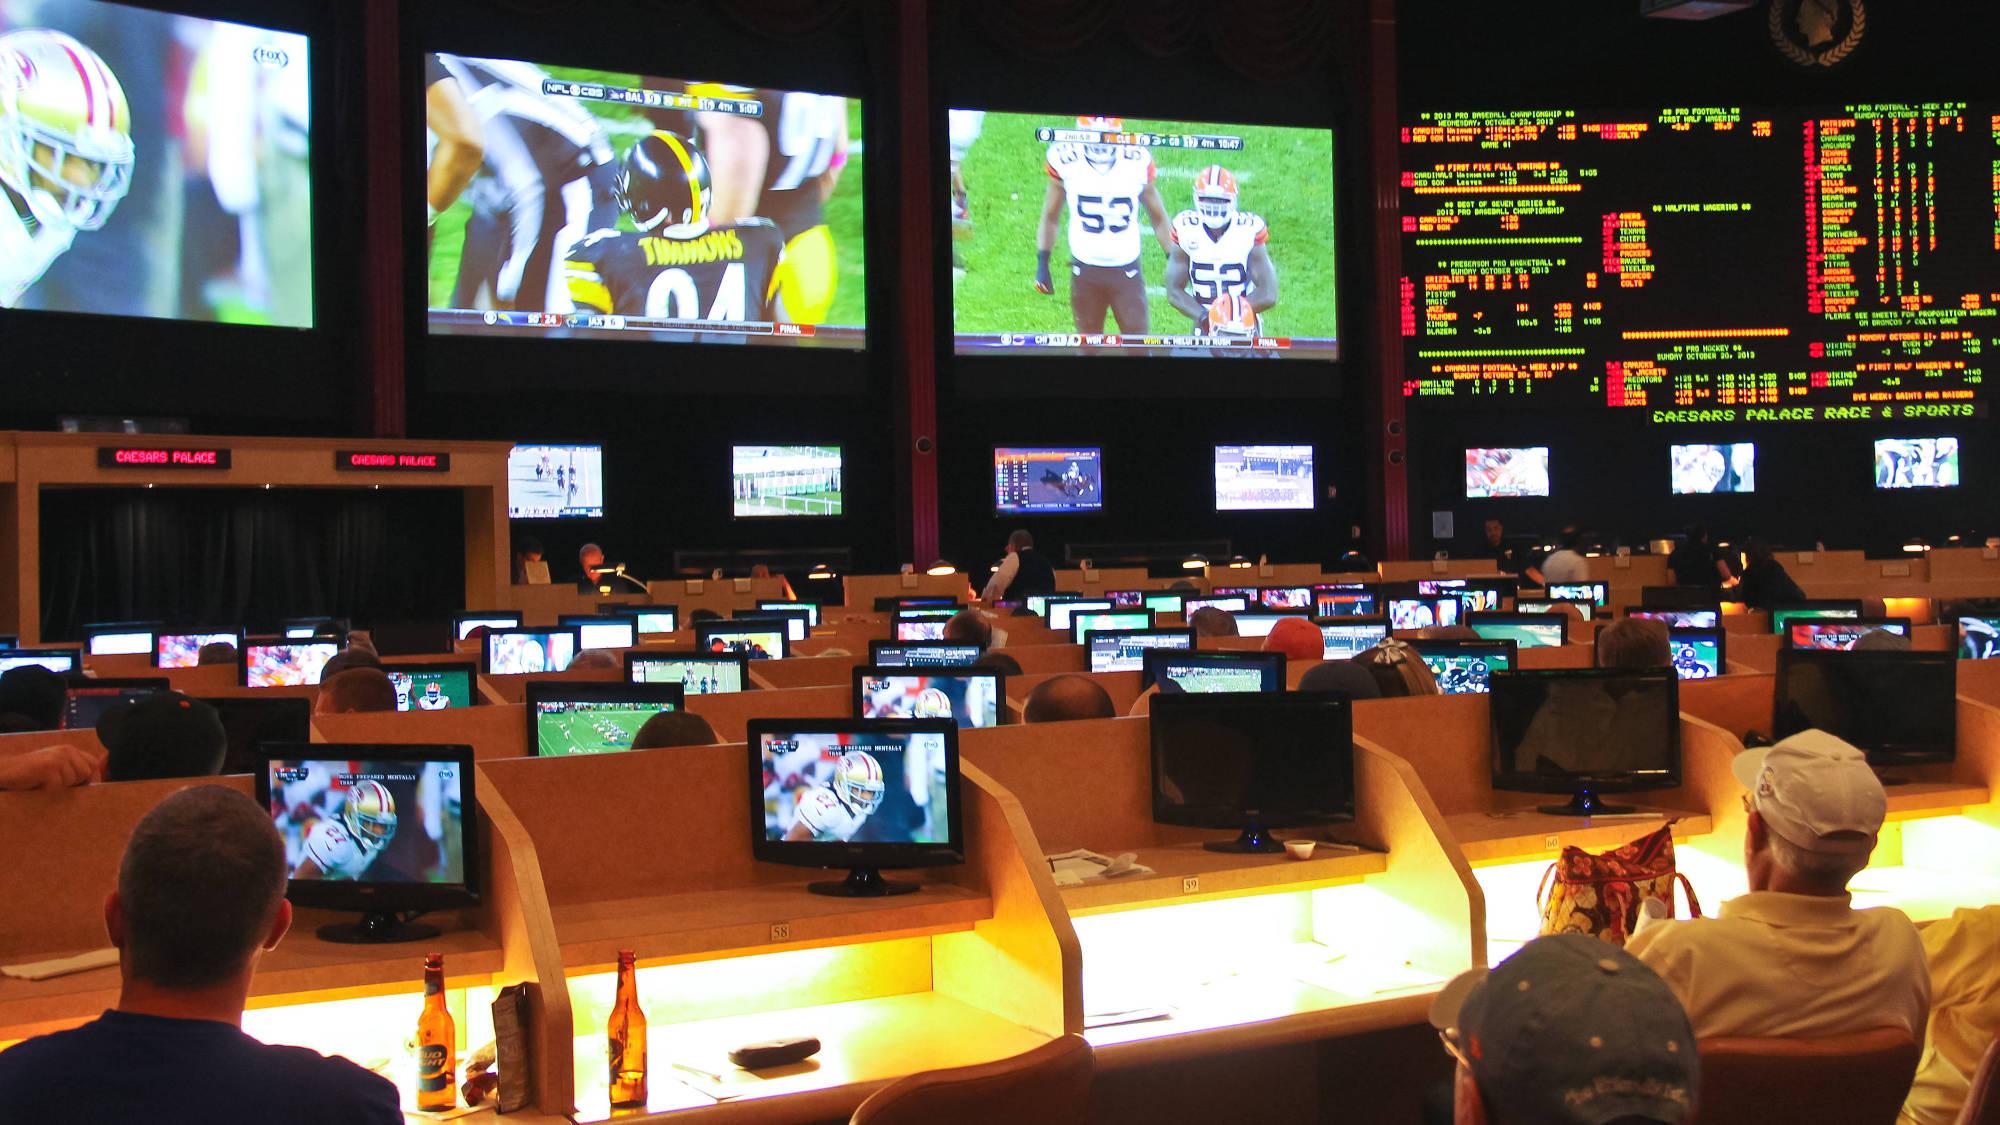 Taruhan Olahraga Di Caesar's Palace, Las Vegas